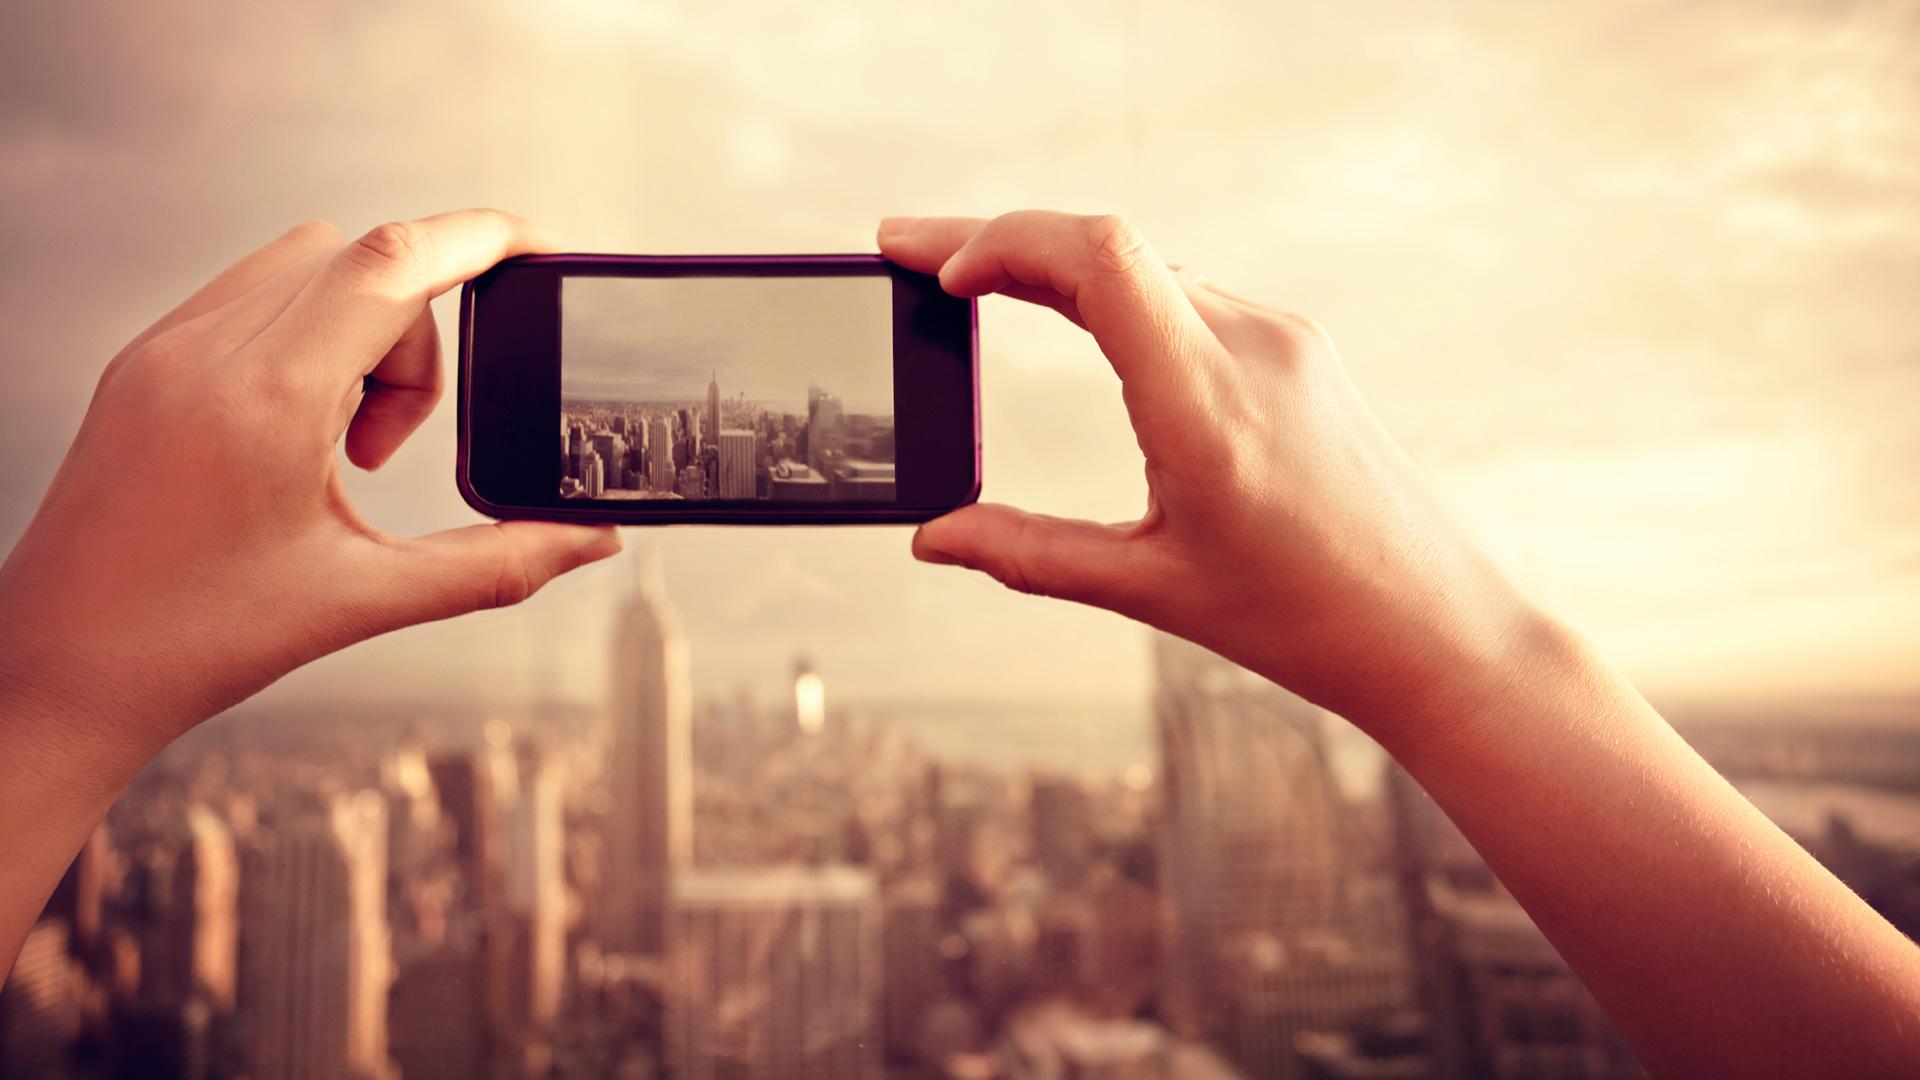 Nowa rewolucja w Social Mediach. O co chodzi z tymi obrazkami?